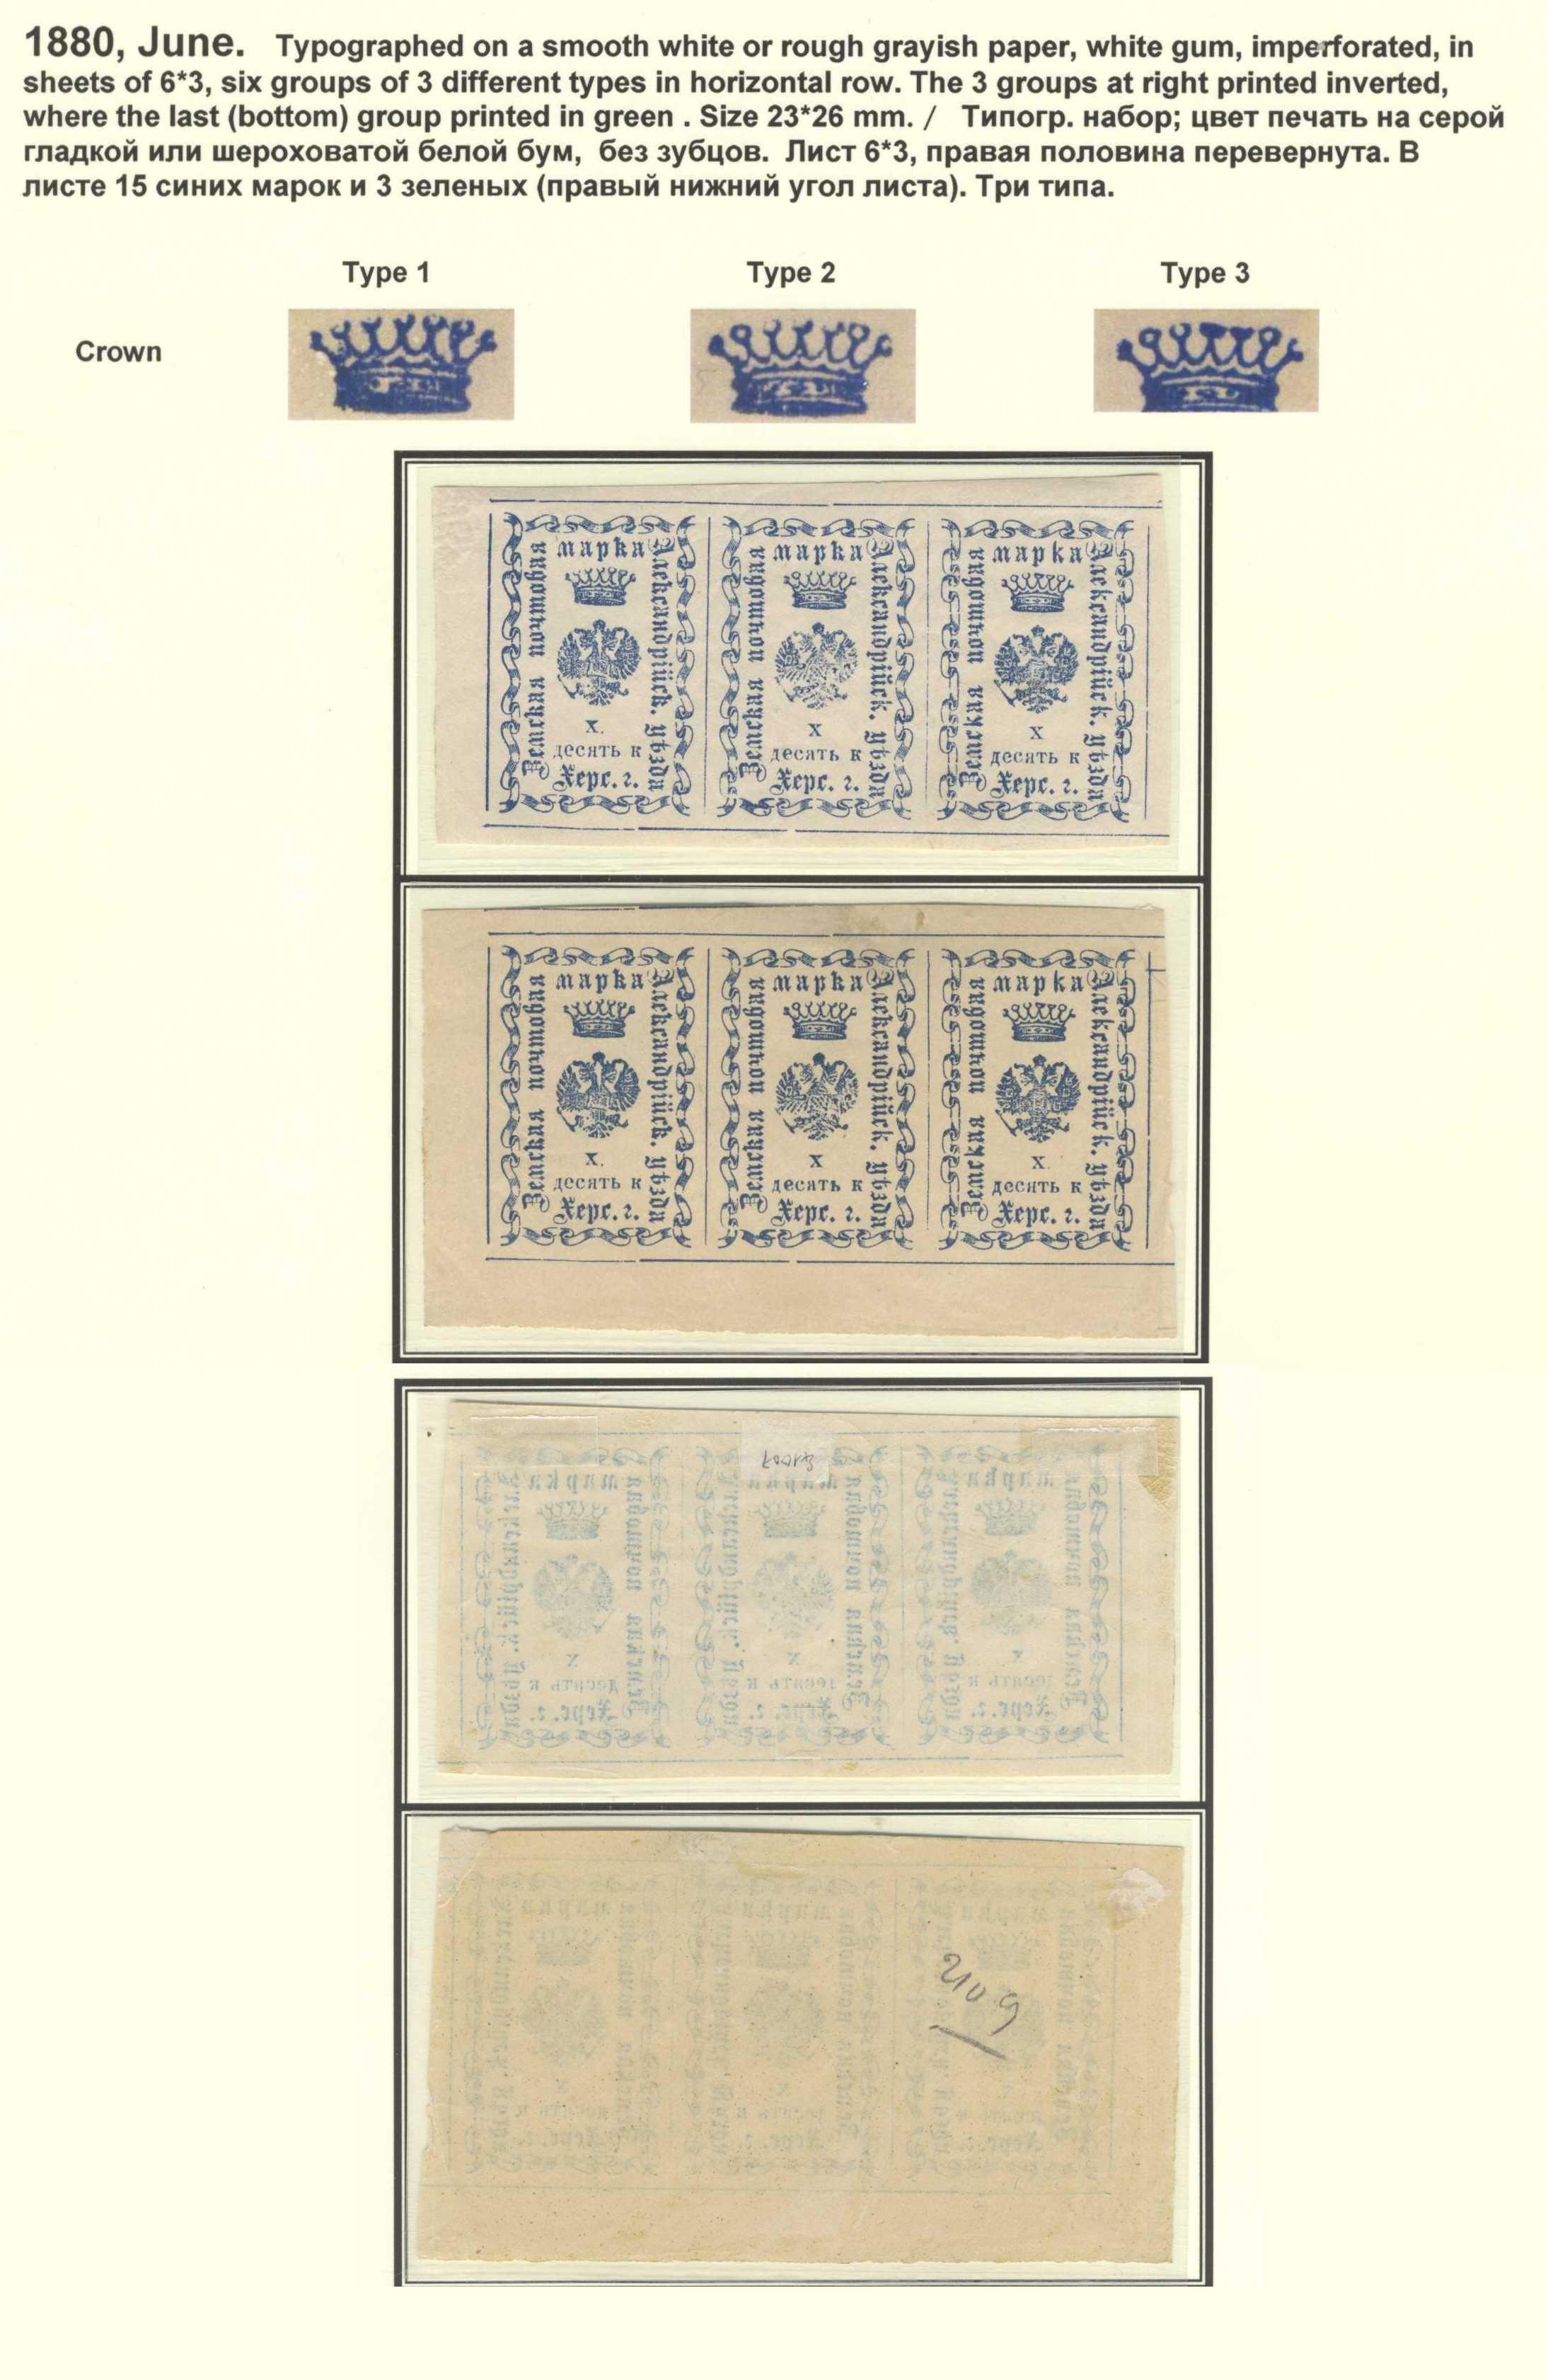 Александрия 1880. Два трансфер блока с типами 1-3 на разных бумагах (белой и серой).